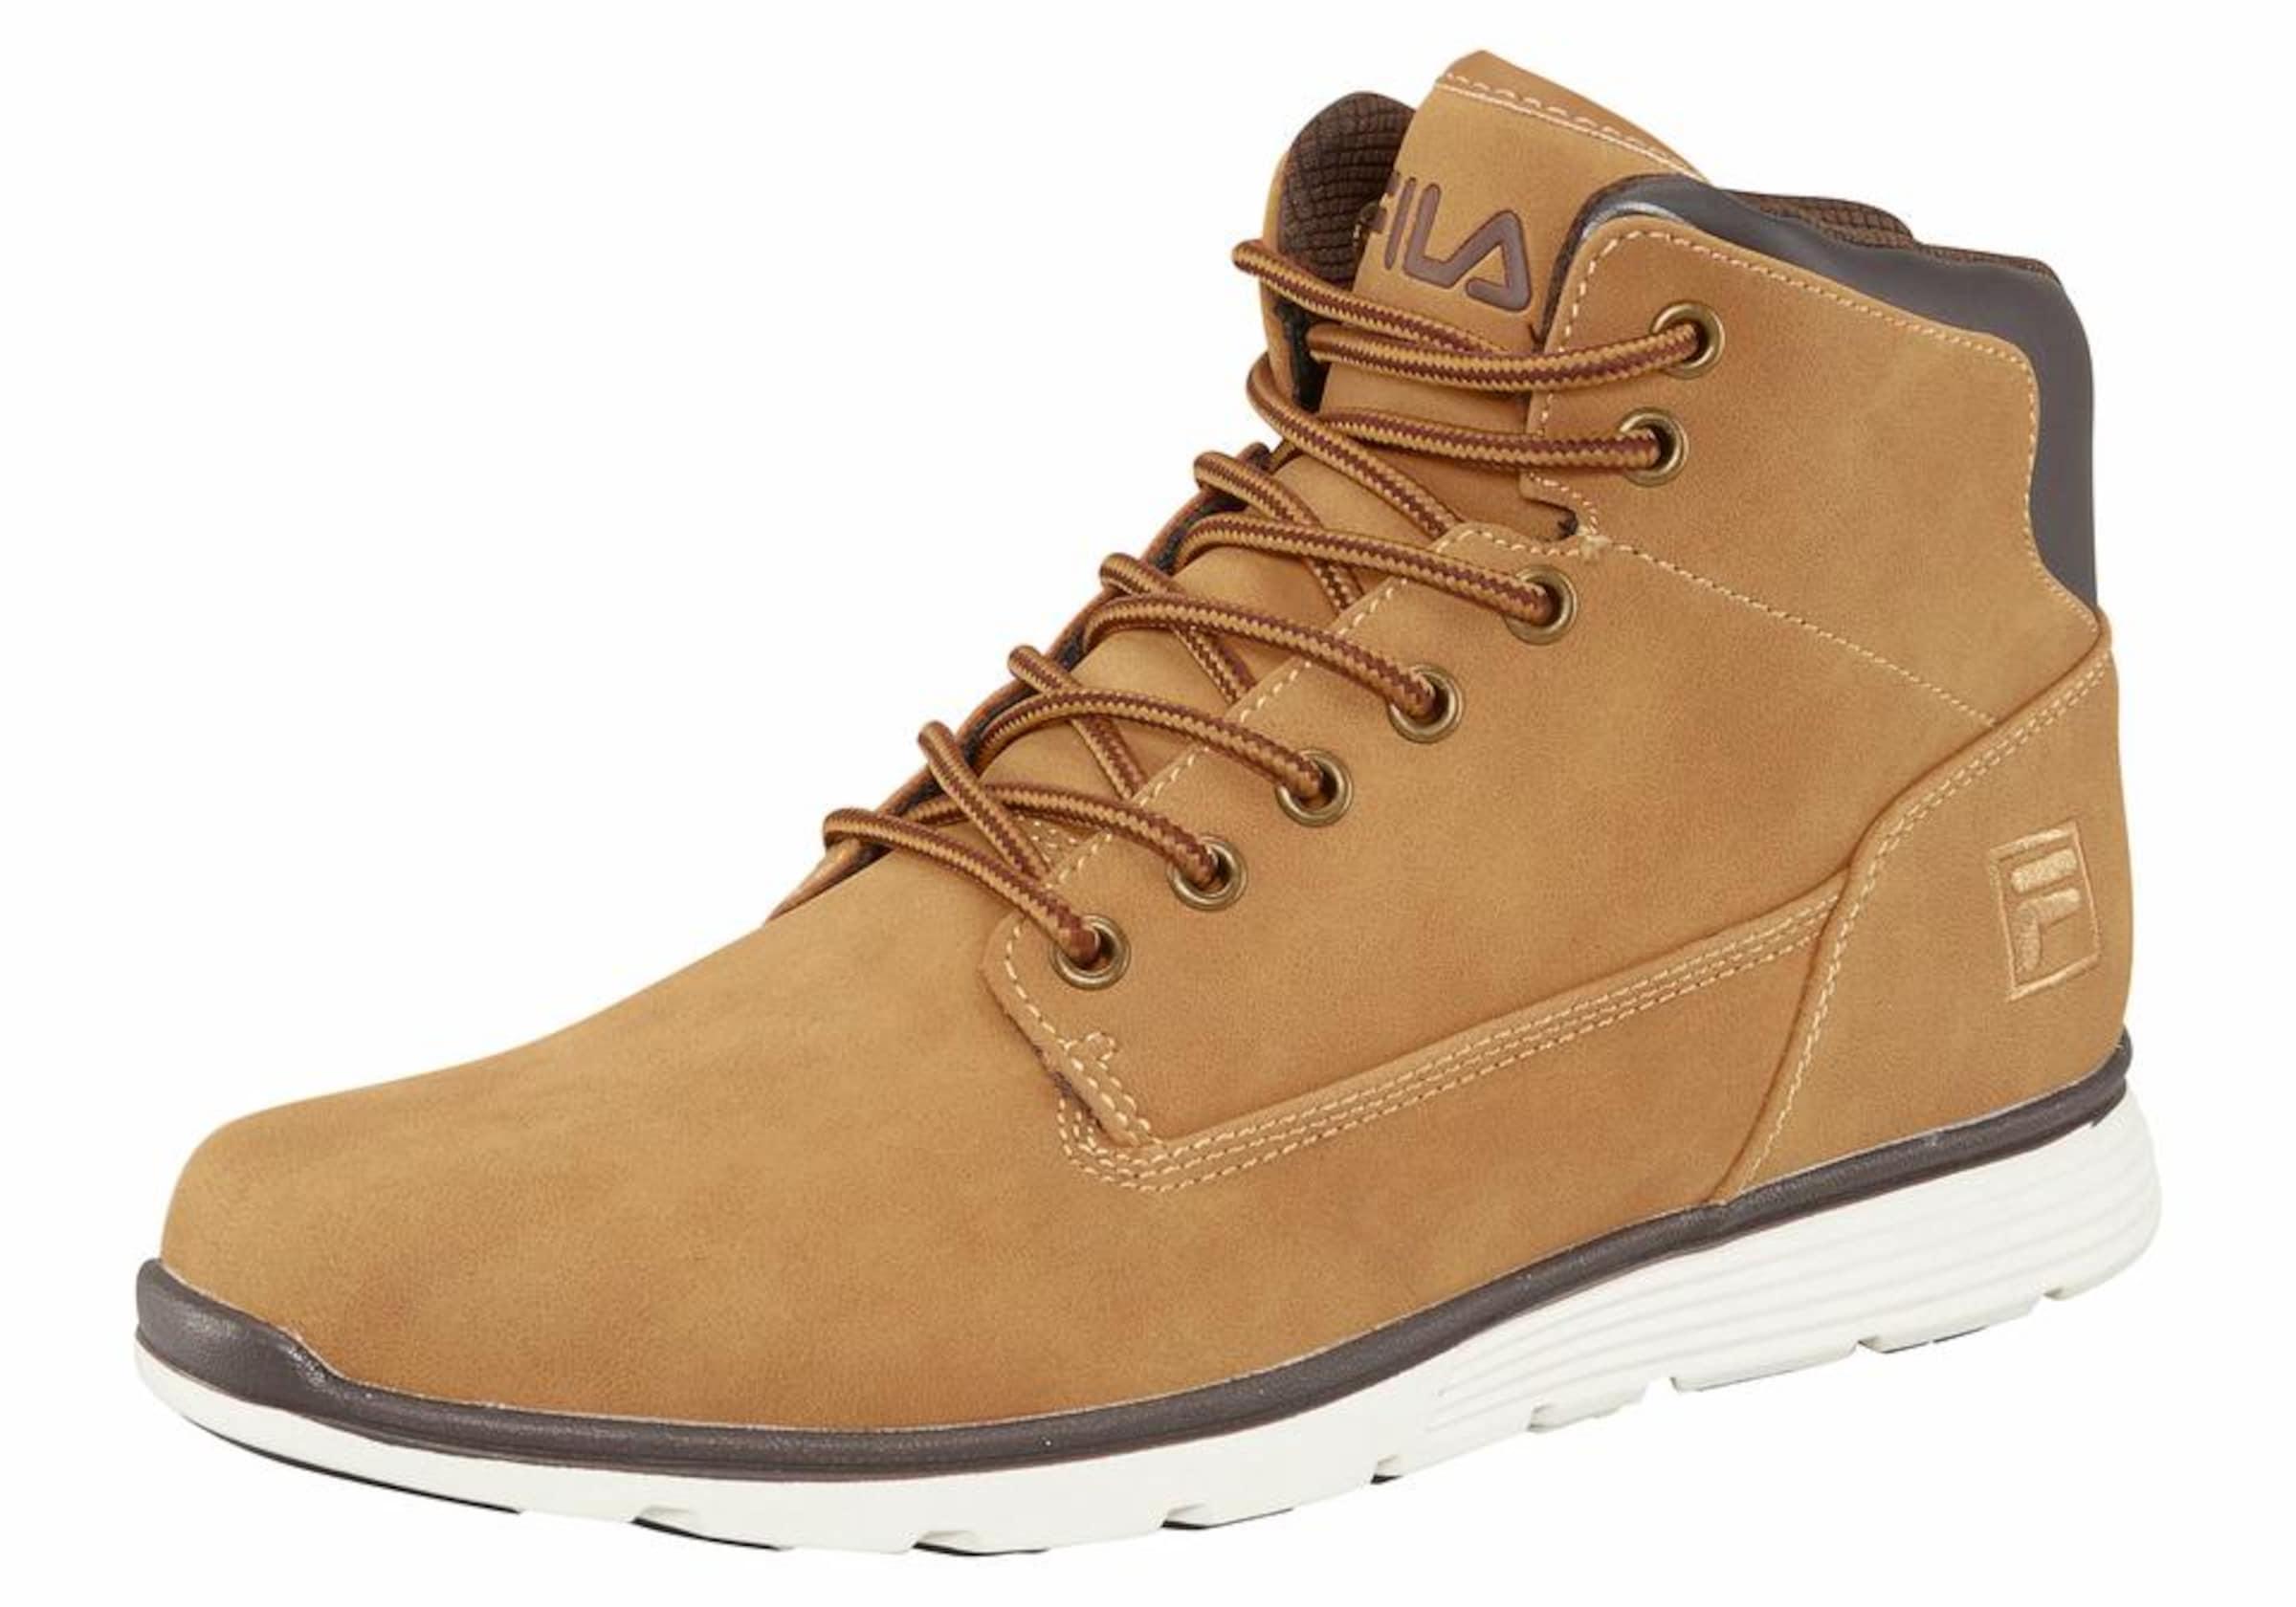 FILA Schnürstiefel Lance Mid Verschleißfeste billige Schuhe Schuhe Schuhe 02f24e